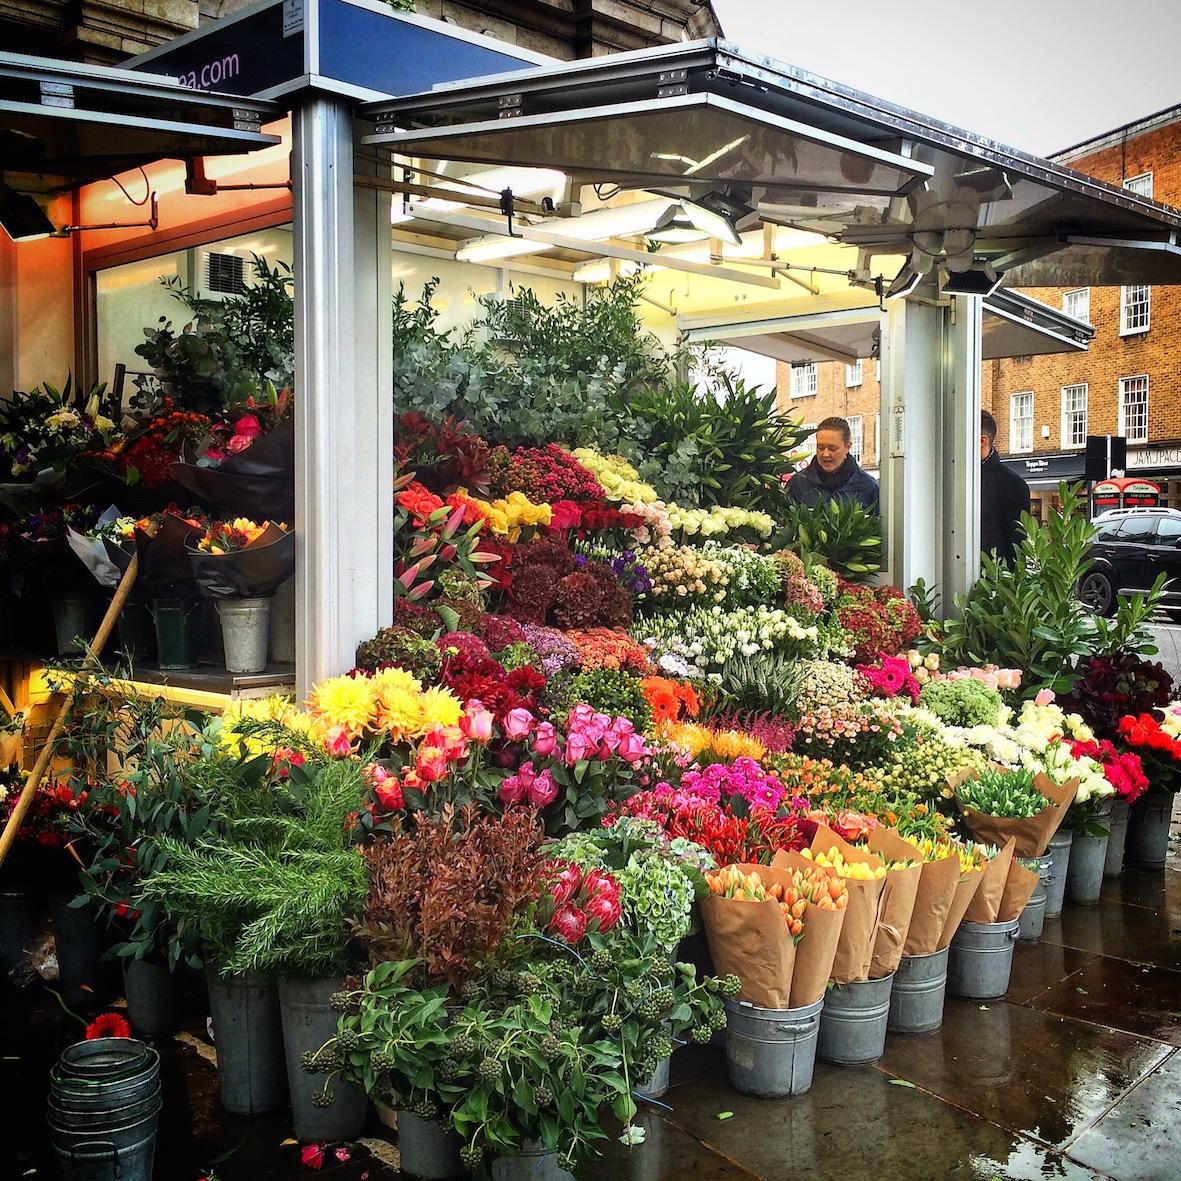 Lontoossa ihanat kukkapuodit joka kulmassa ilahduttivat muuten harmaata ja sumuista katukuvaa.